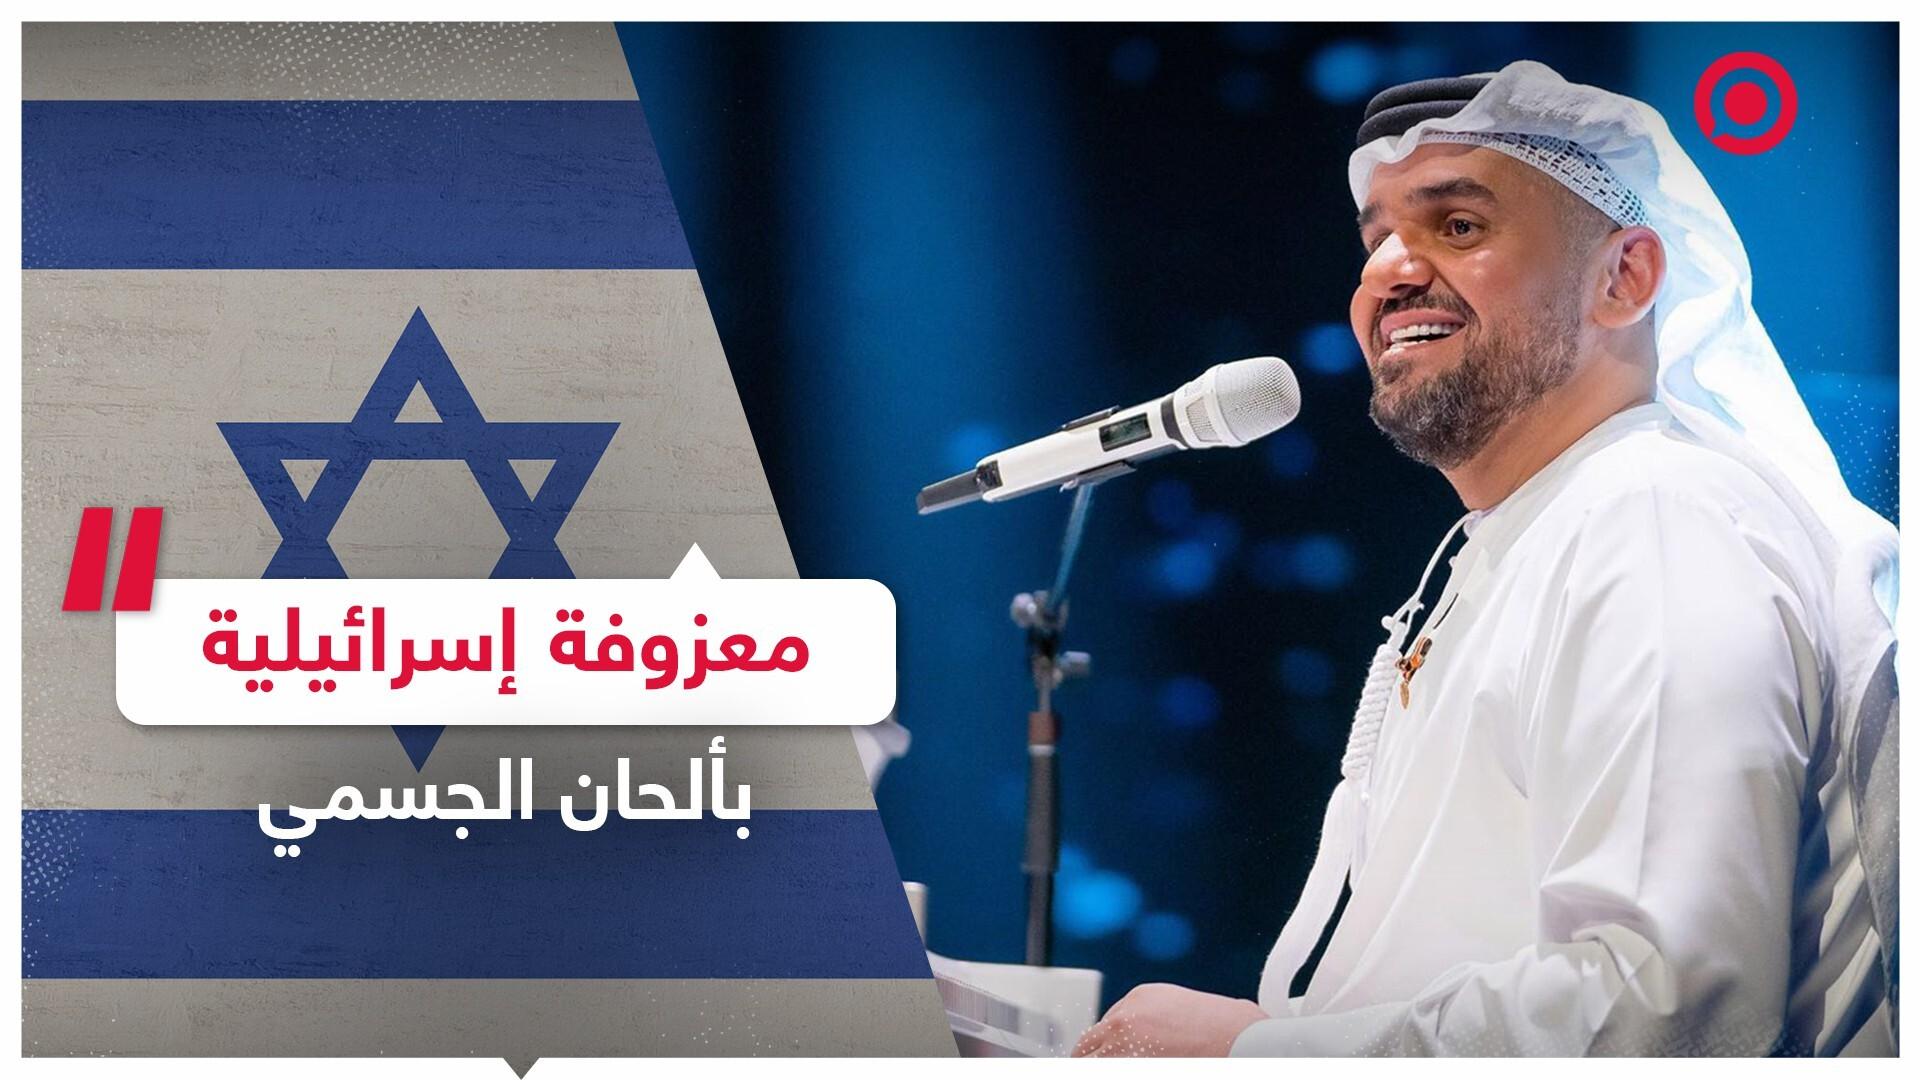 فرقة إسرائيلية تؤدي معزوفة من ألحان الفنان الإماراتي حسين الجسمي